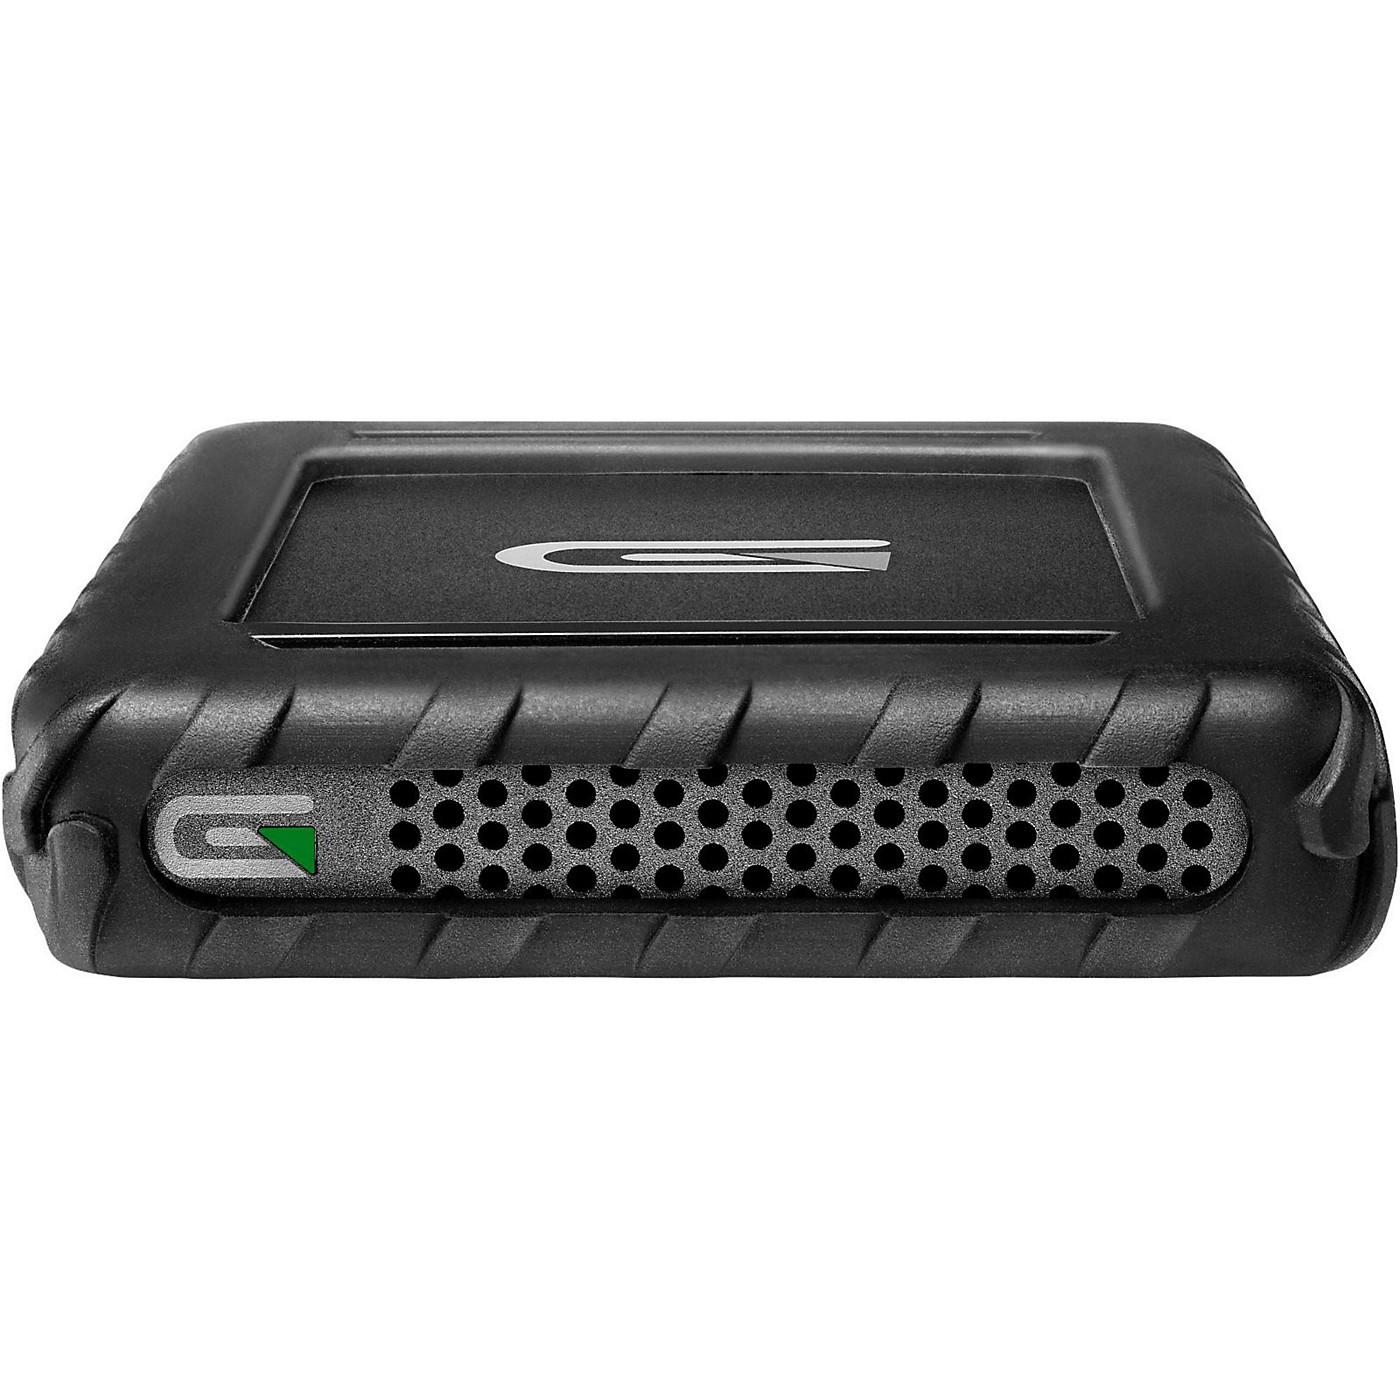 Glyph BBPLSSD1000 Blackbox Pluse 1TB SSD Drive thumbnail